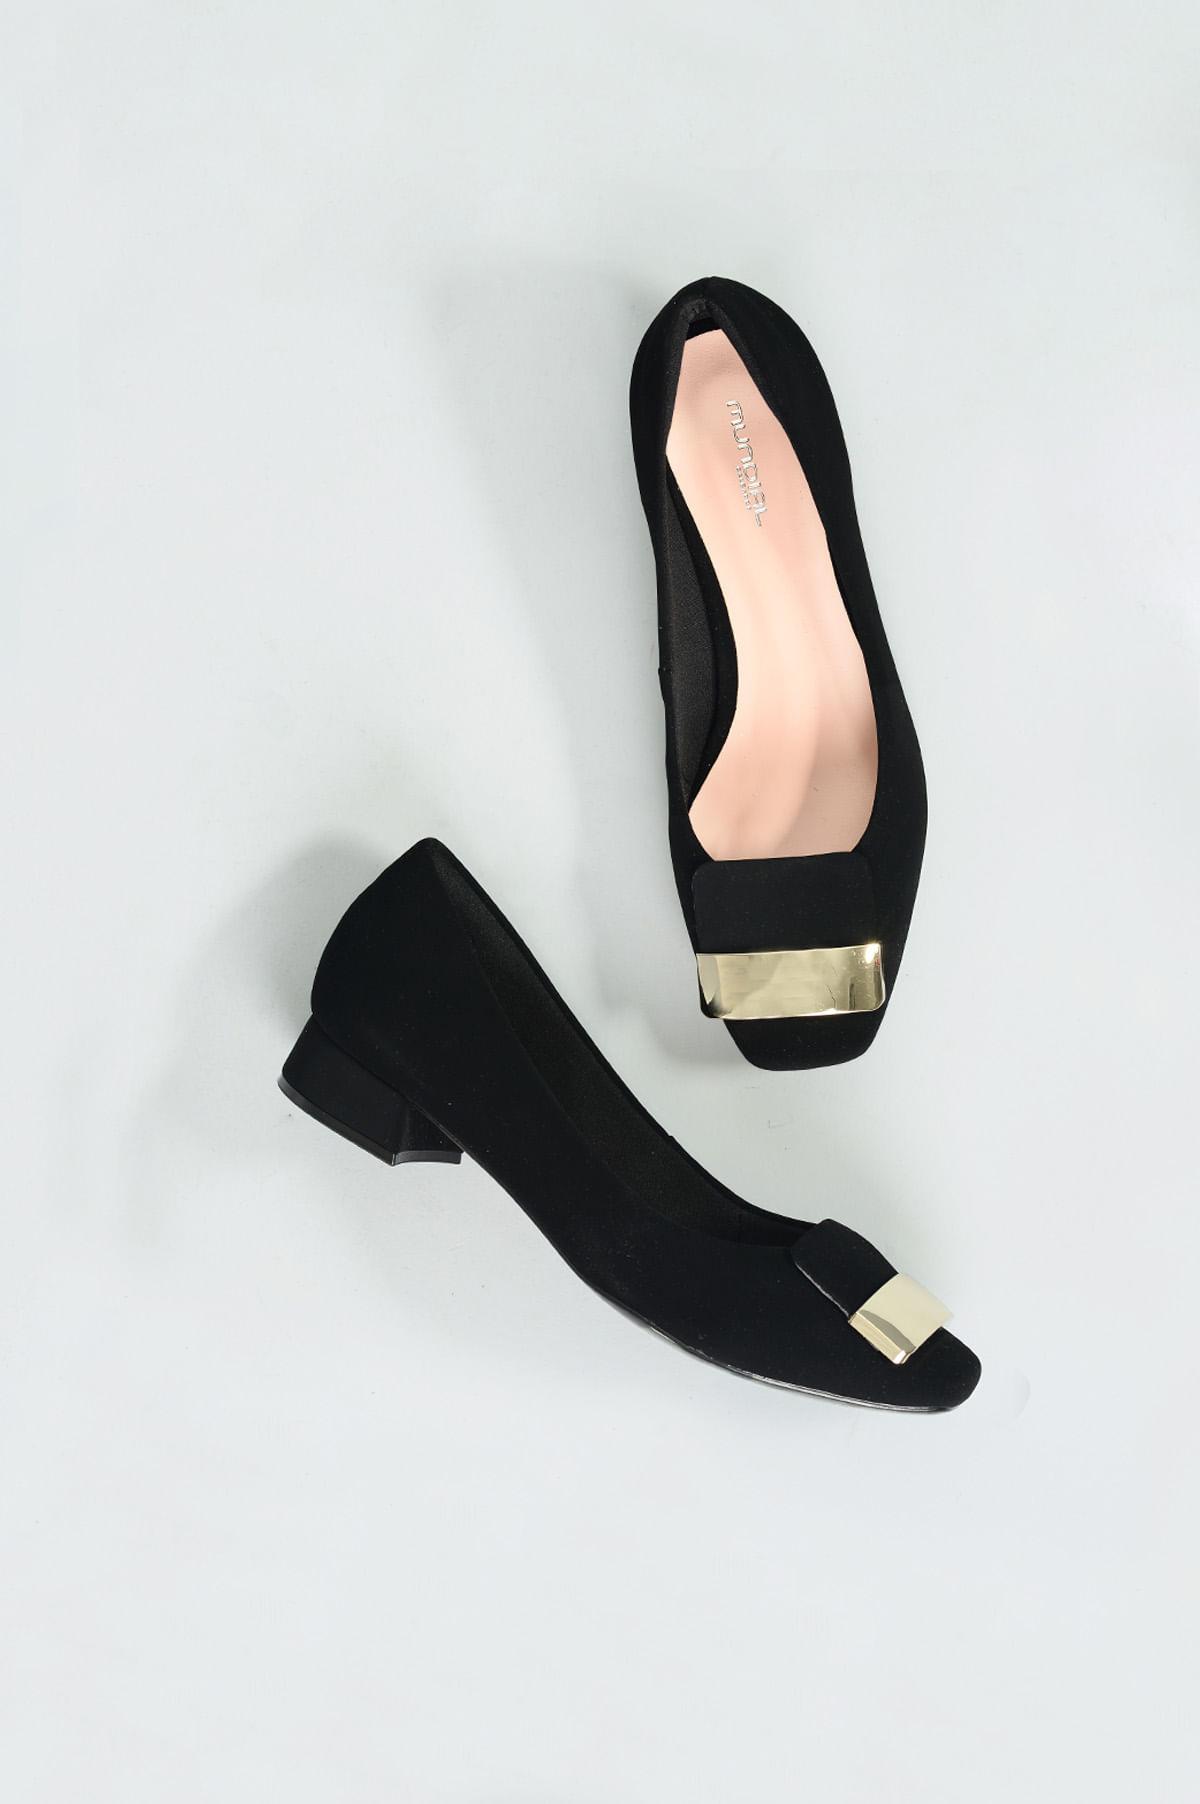 b6308b12b Sapato Feminino Salto Baixo Bethy Mundial NB - PRETO - Mundial Calçados